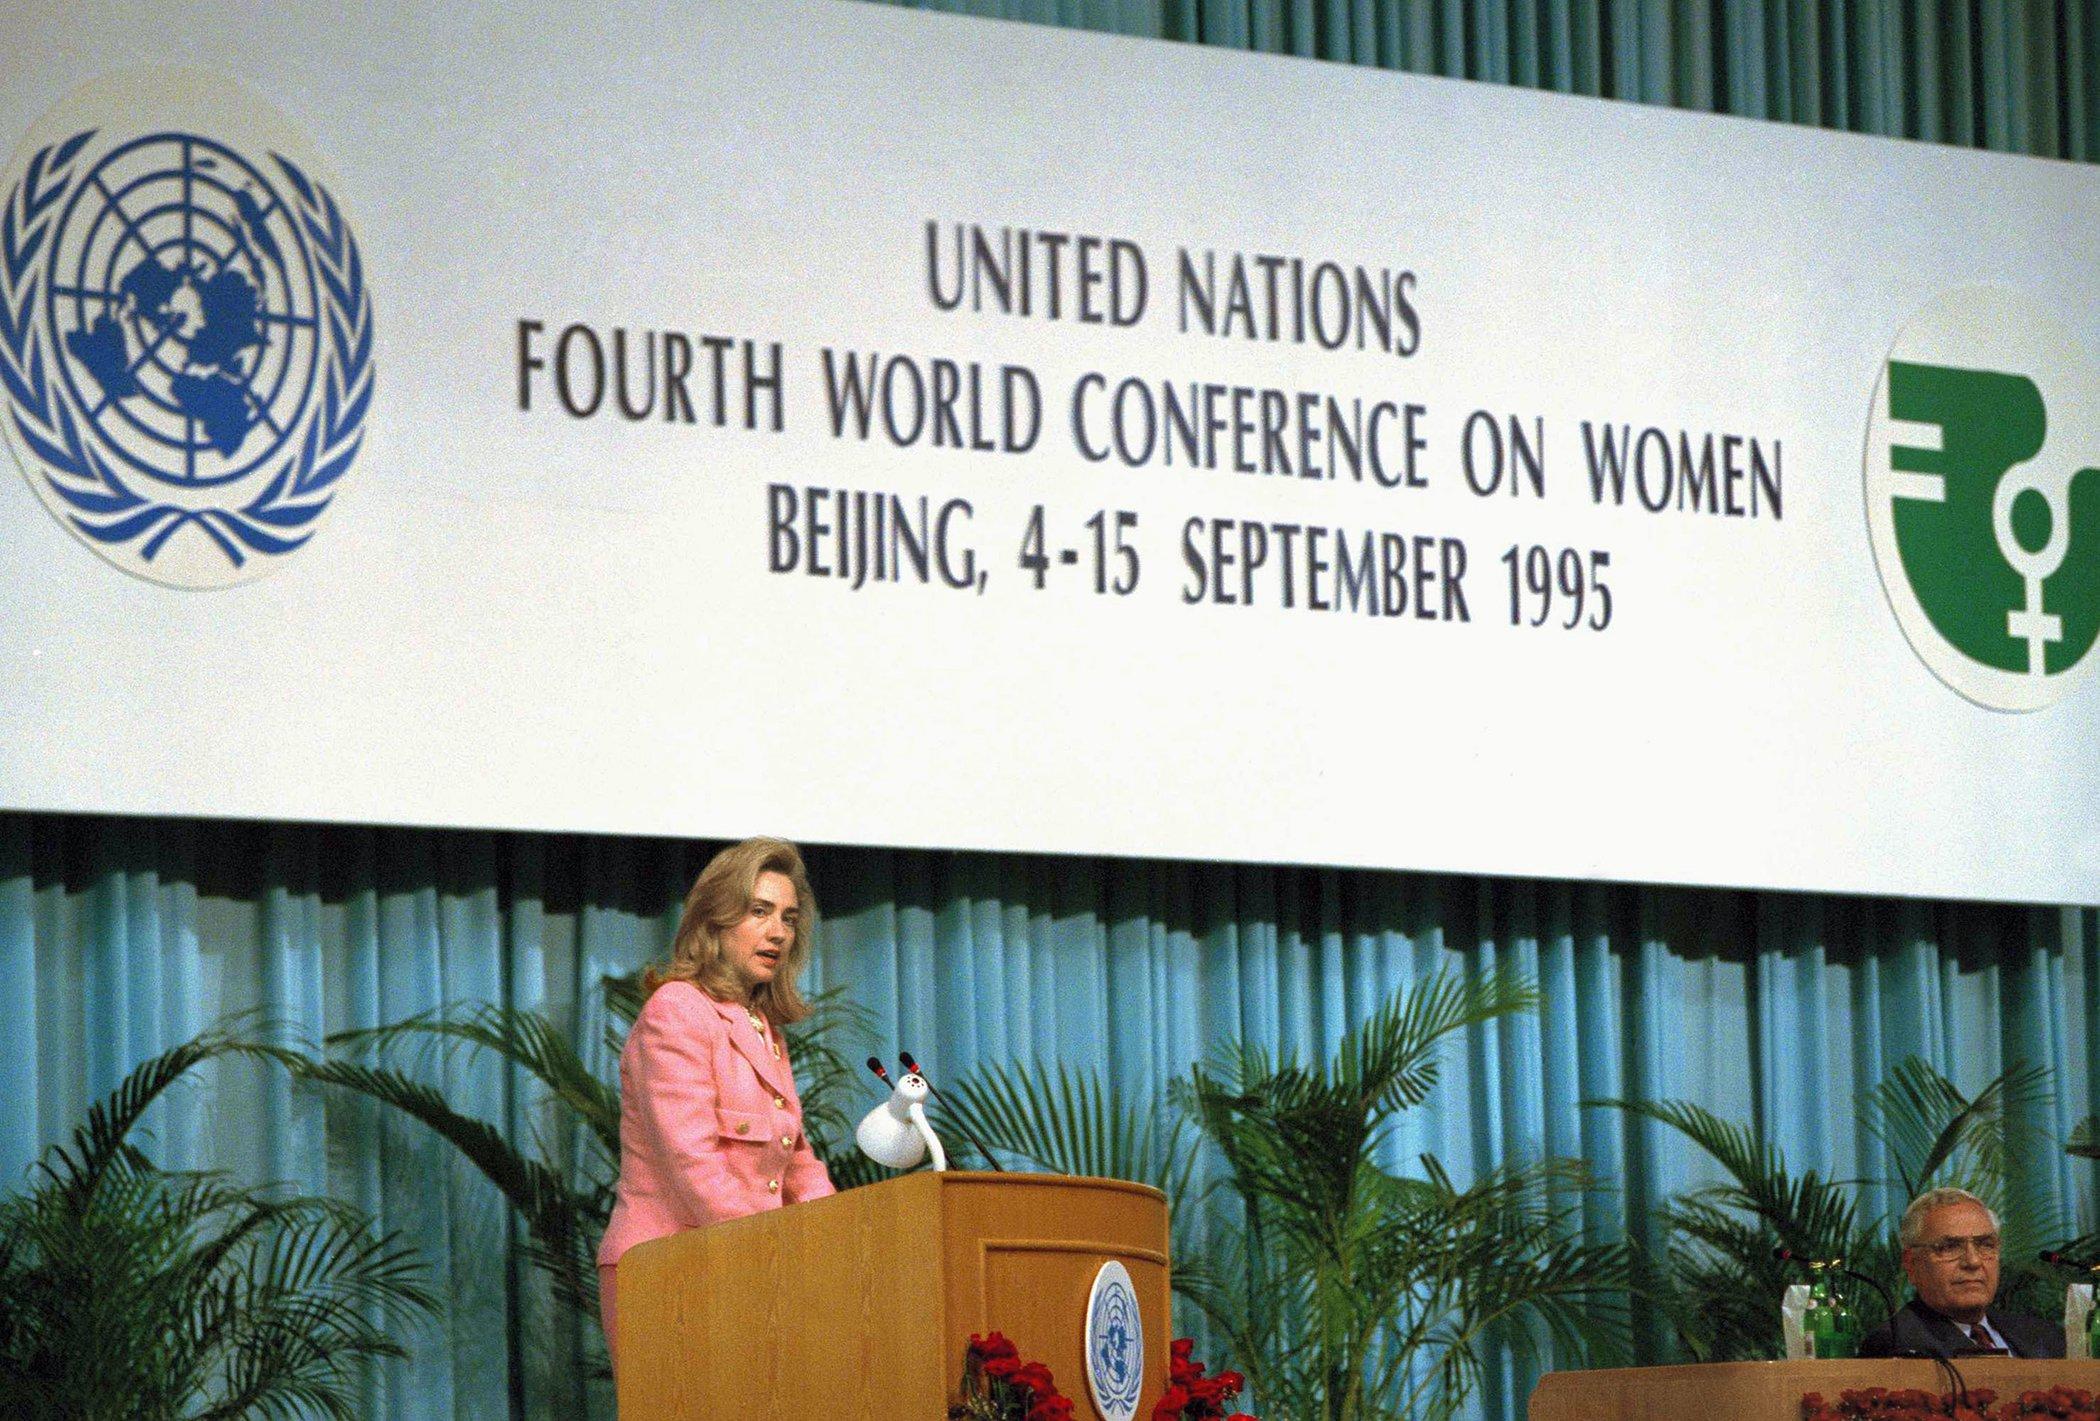 1995-Beijing-Delegation-Women-Hillary Clinton-002.jpg